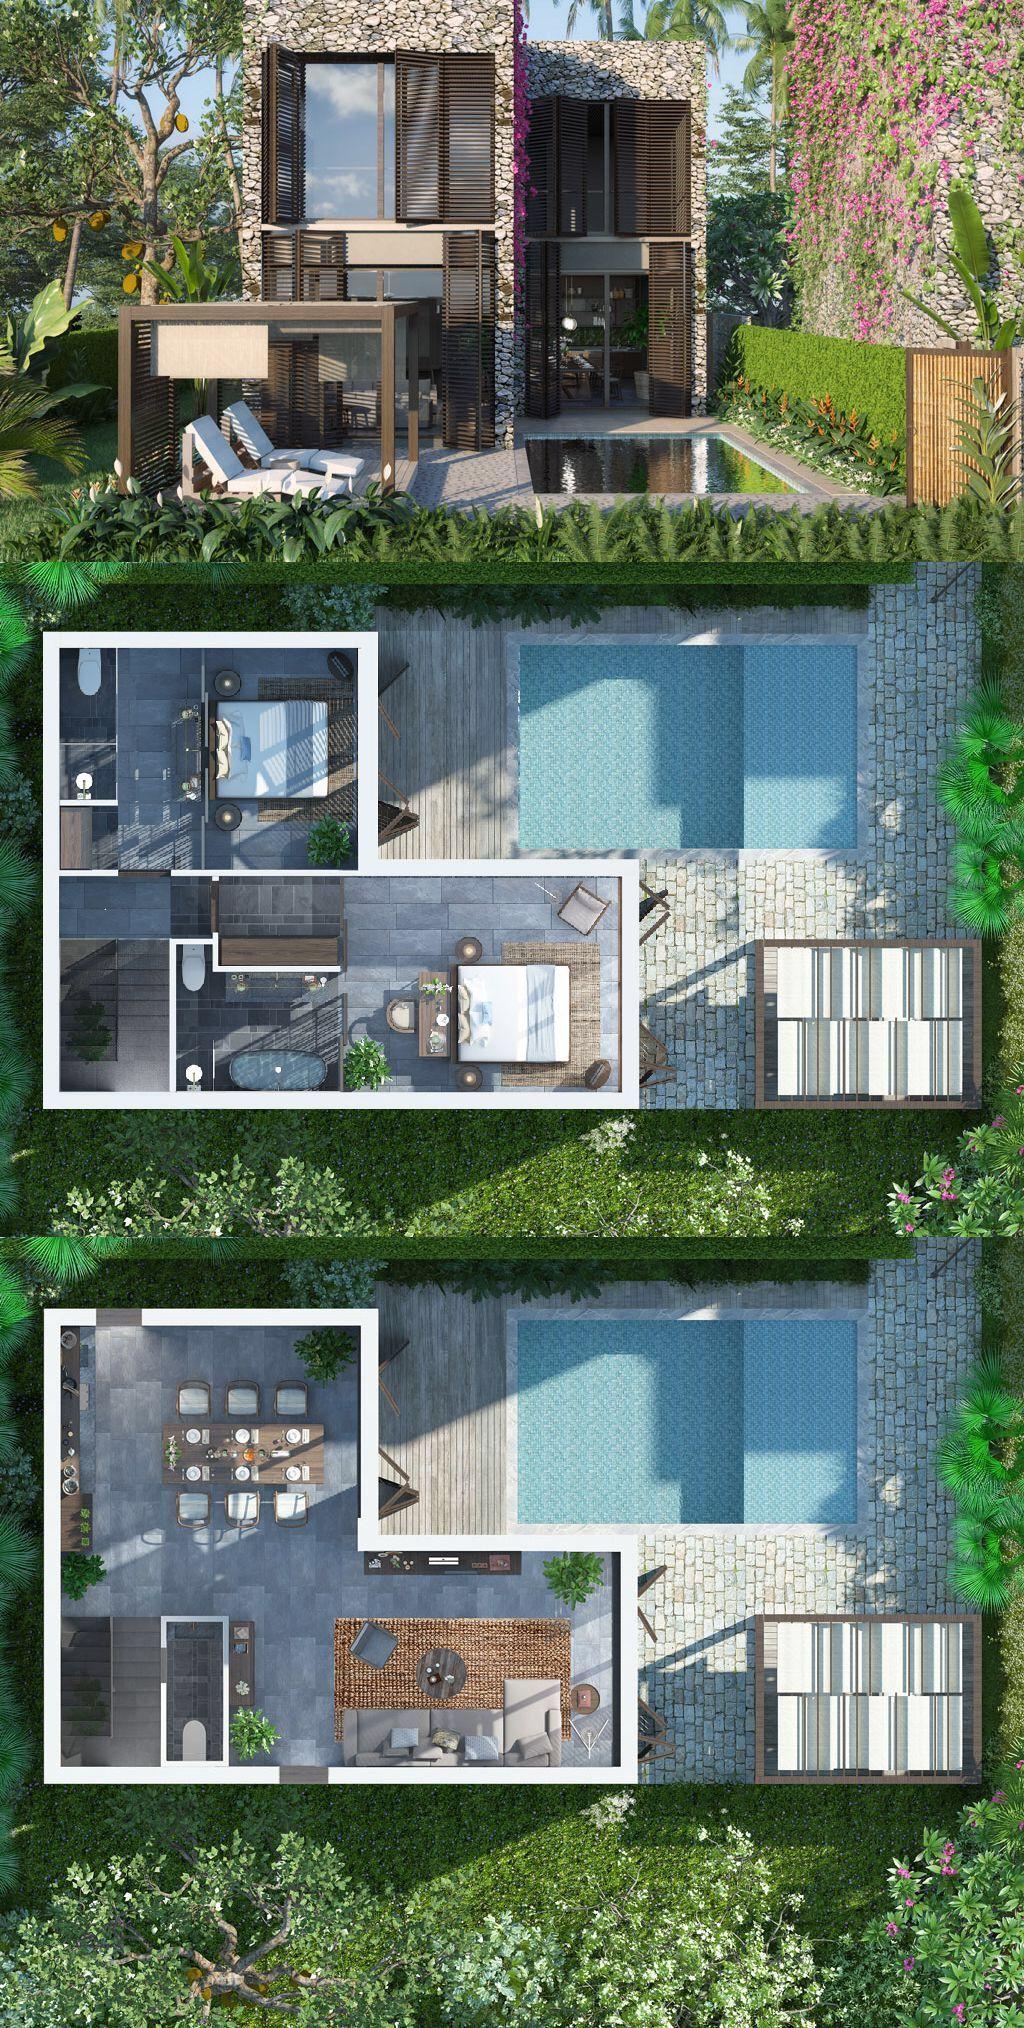 also best house inspo images in rh pinterest